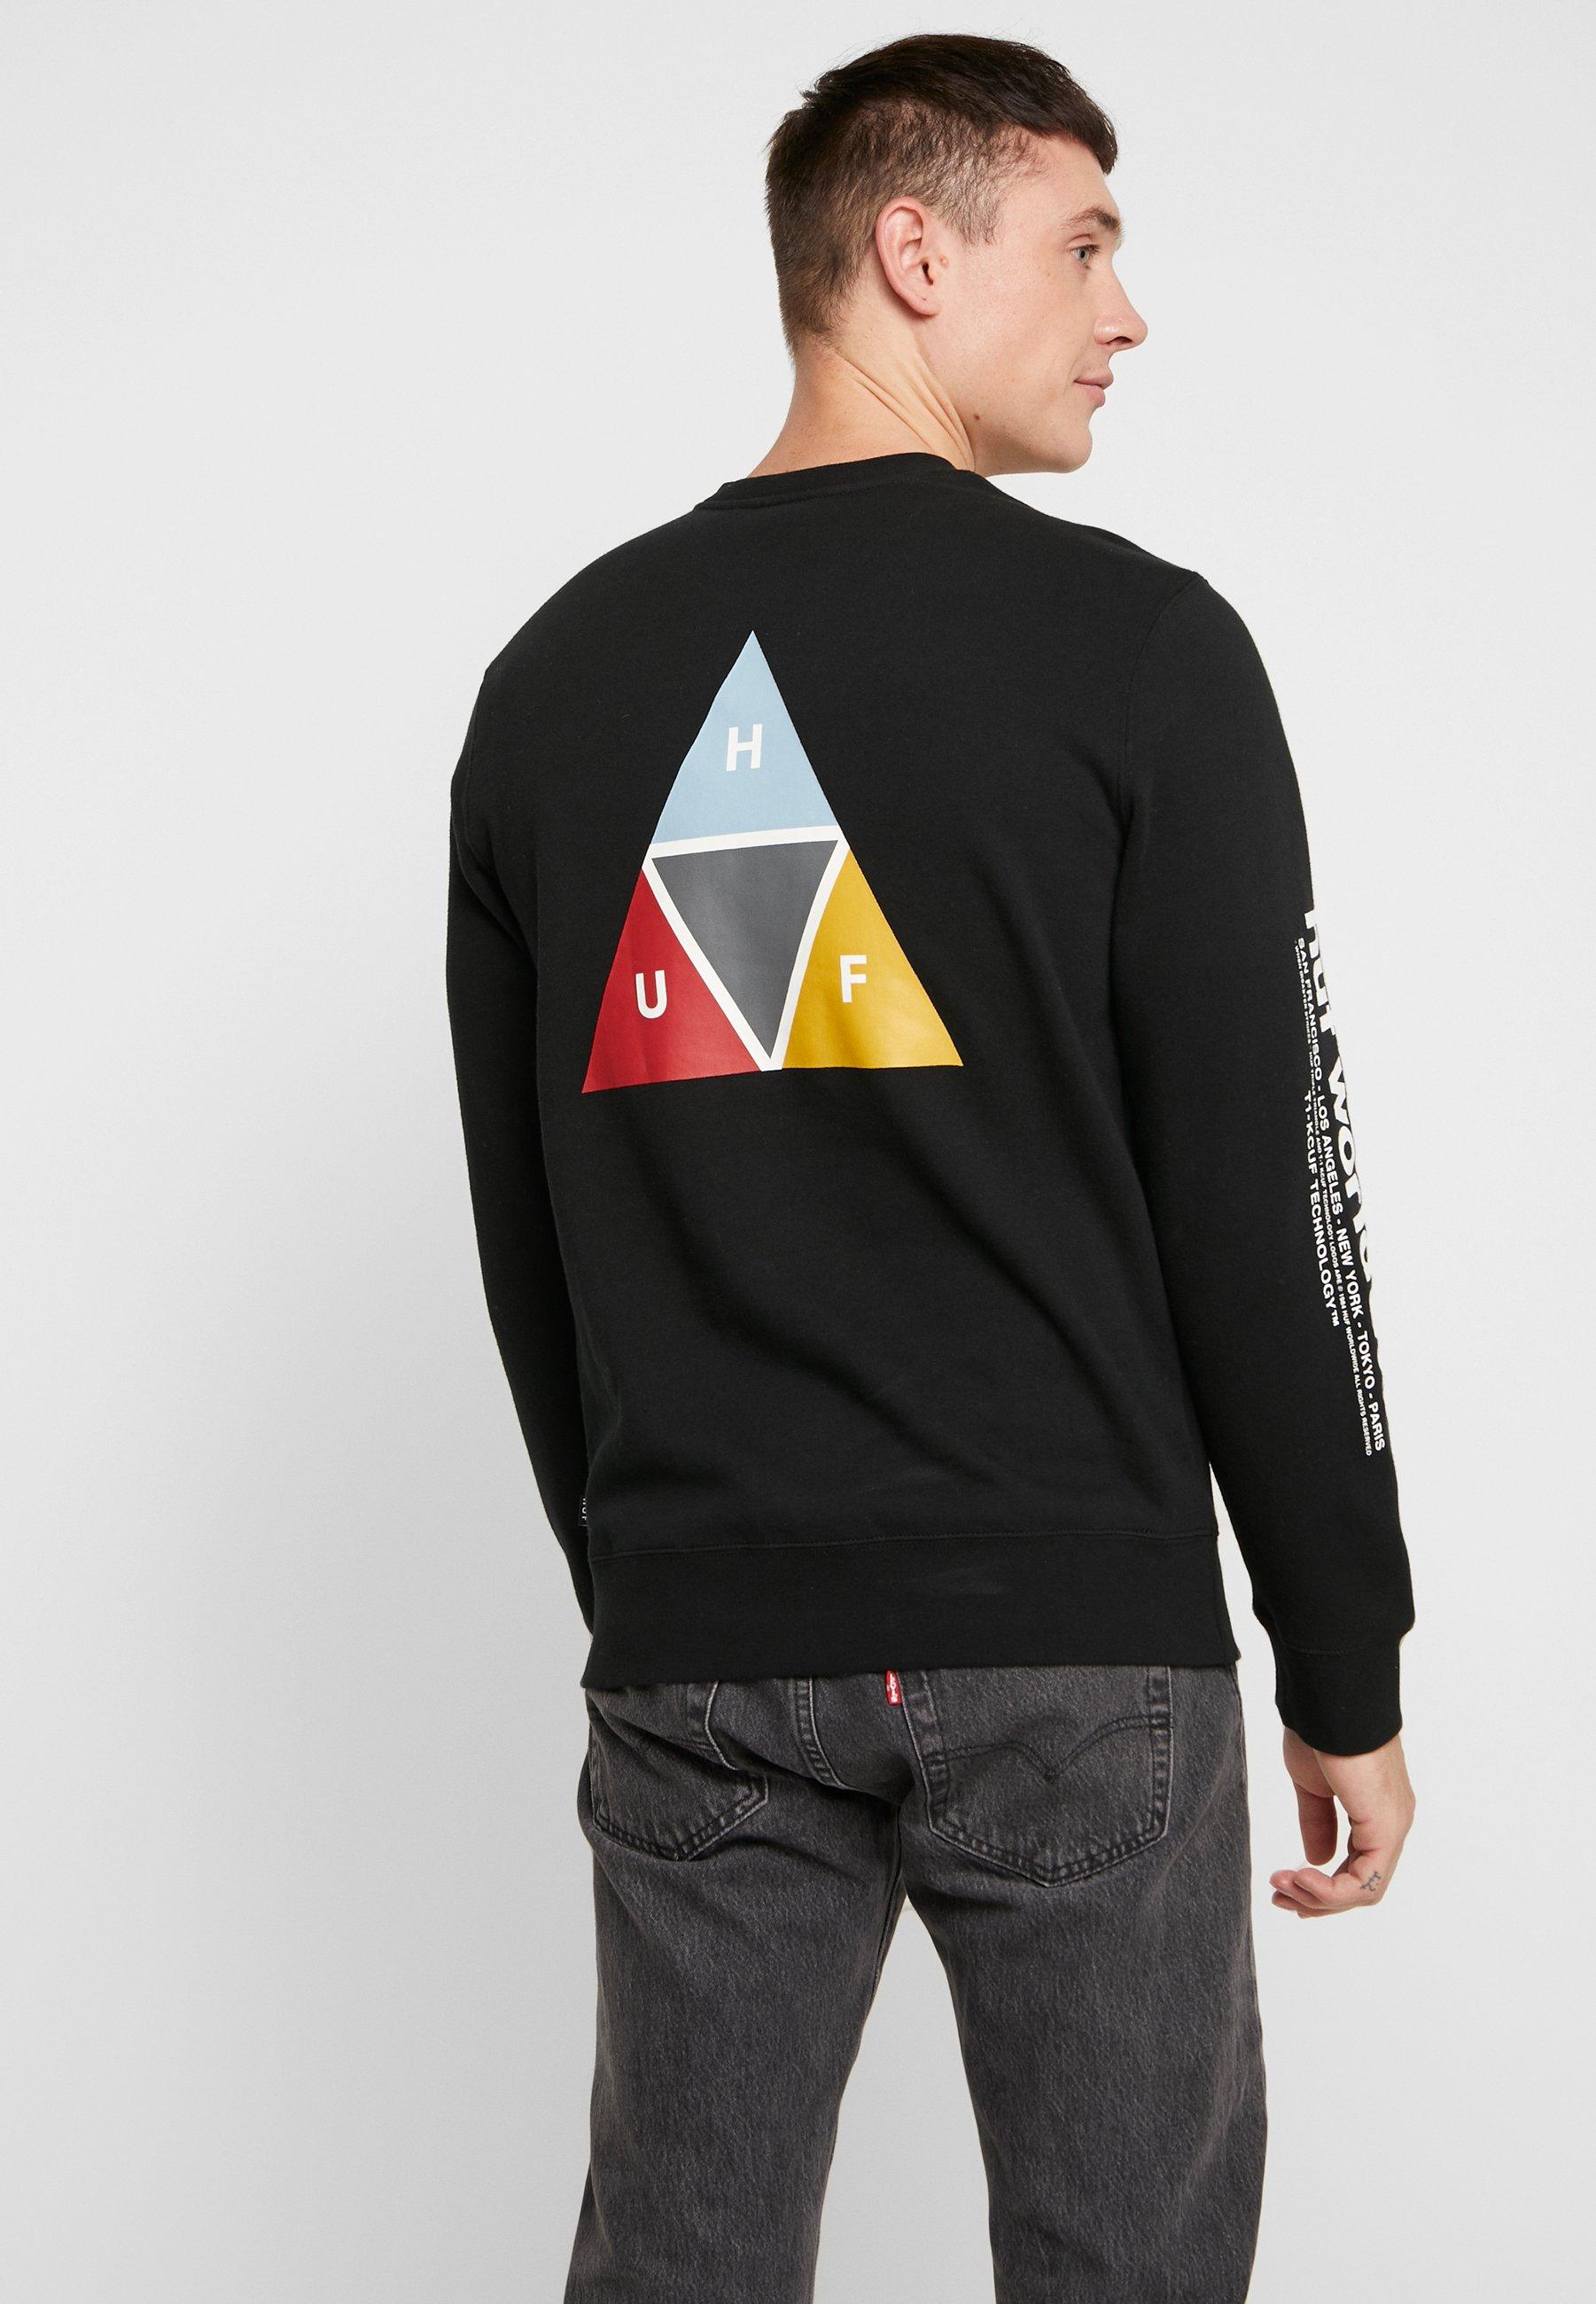 CrewSweatshirt Prism Prism CrewSweatshirt Huf Prism Huf Huf CrewSweatshirt Black Black Qthsrd